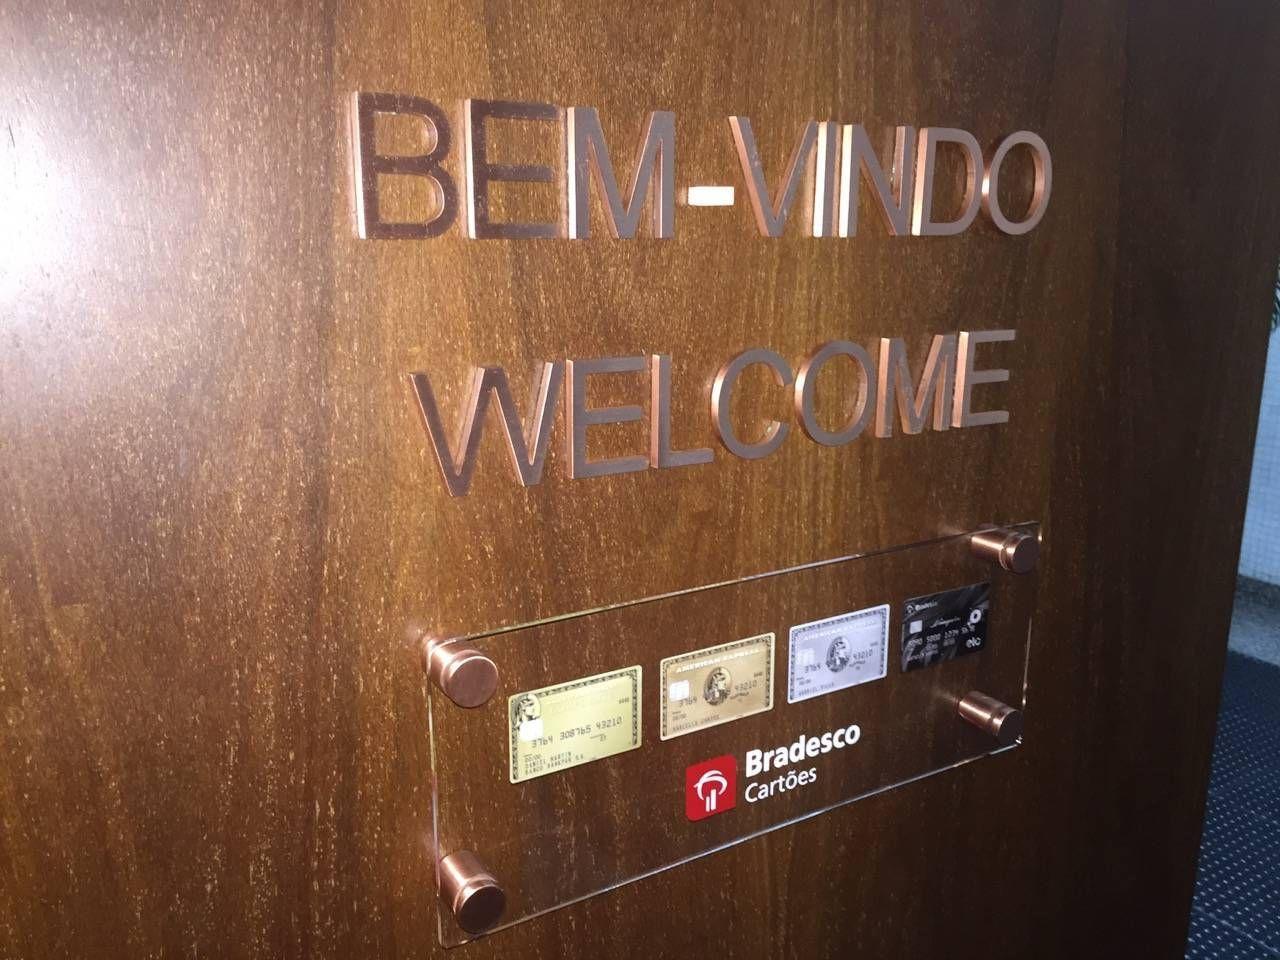 Bradesco Cartoes Lounge-024